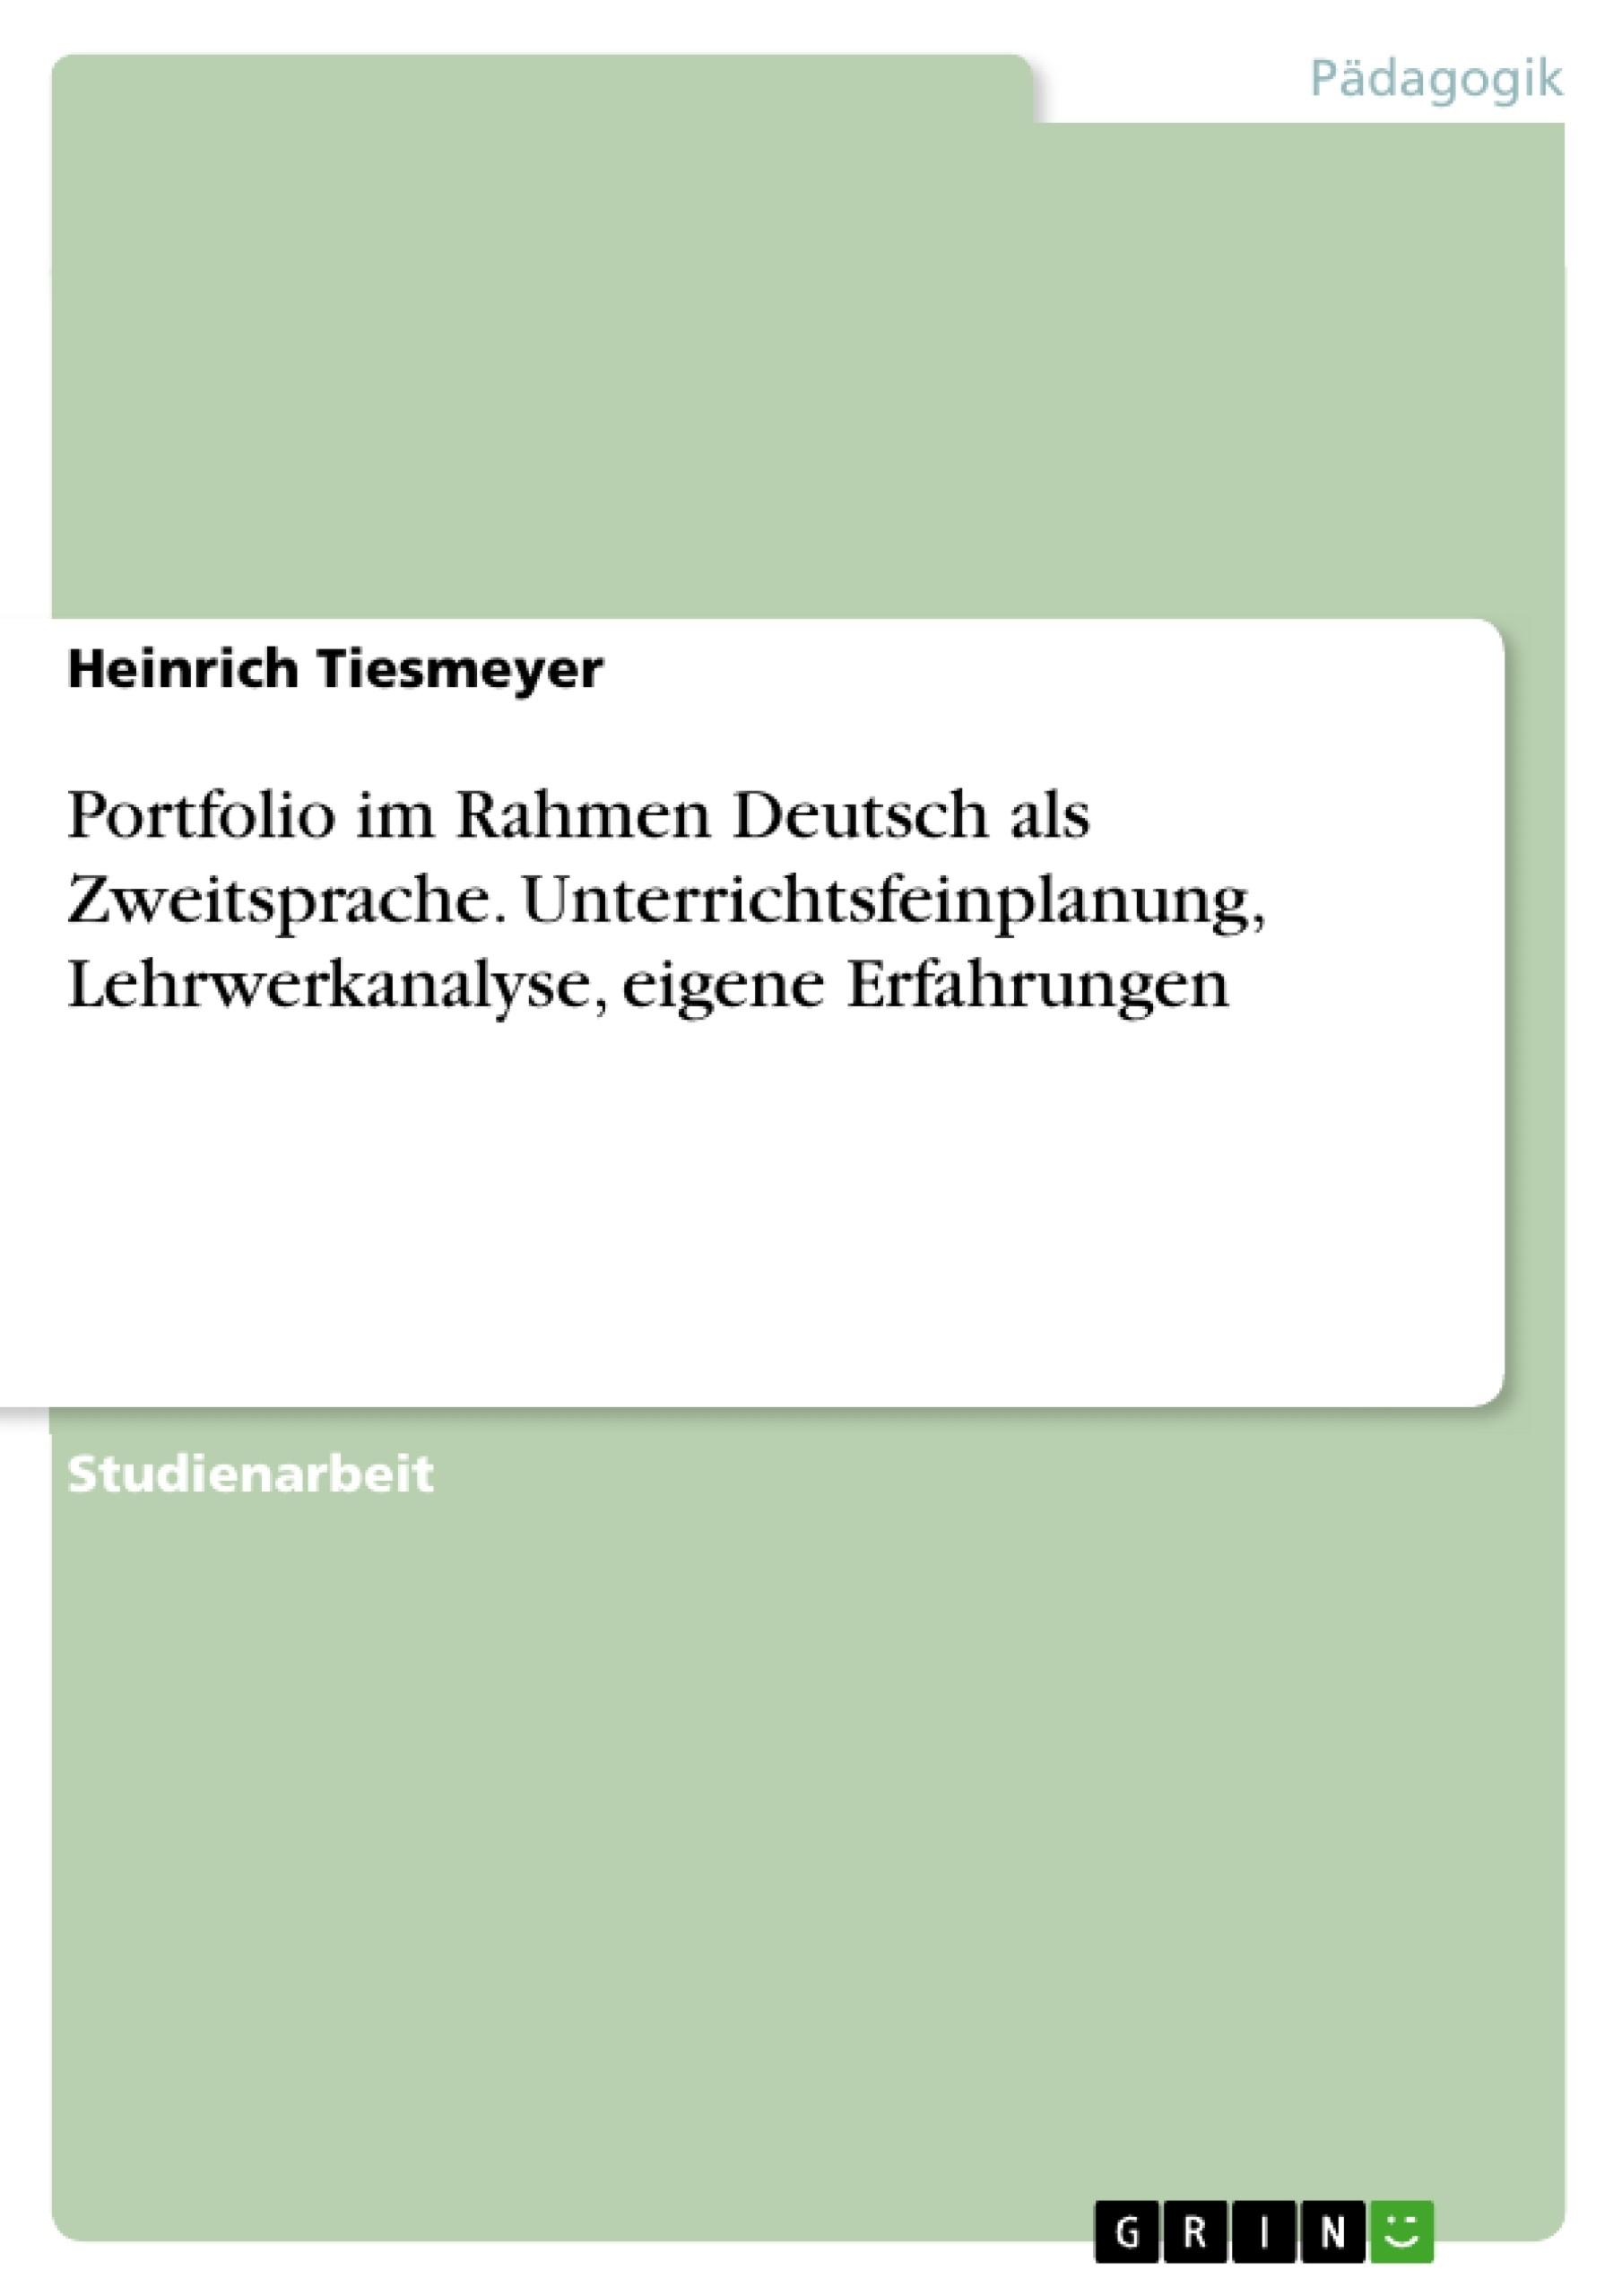 Titel: Portfolio im Rahmen Deutsch als Zweitsprache. Unterrichtsfeinplanung, Lehrwerkanalyse, eigene Erfahrungen